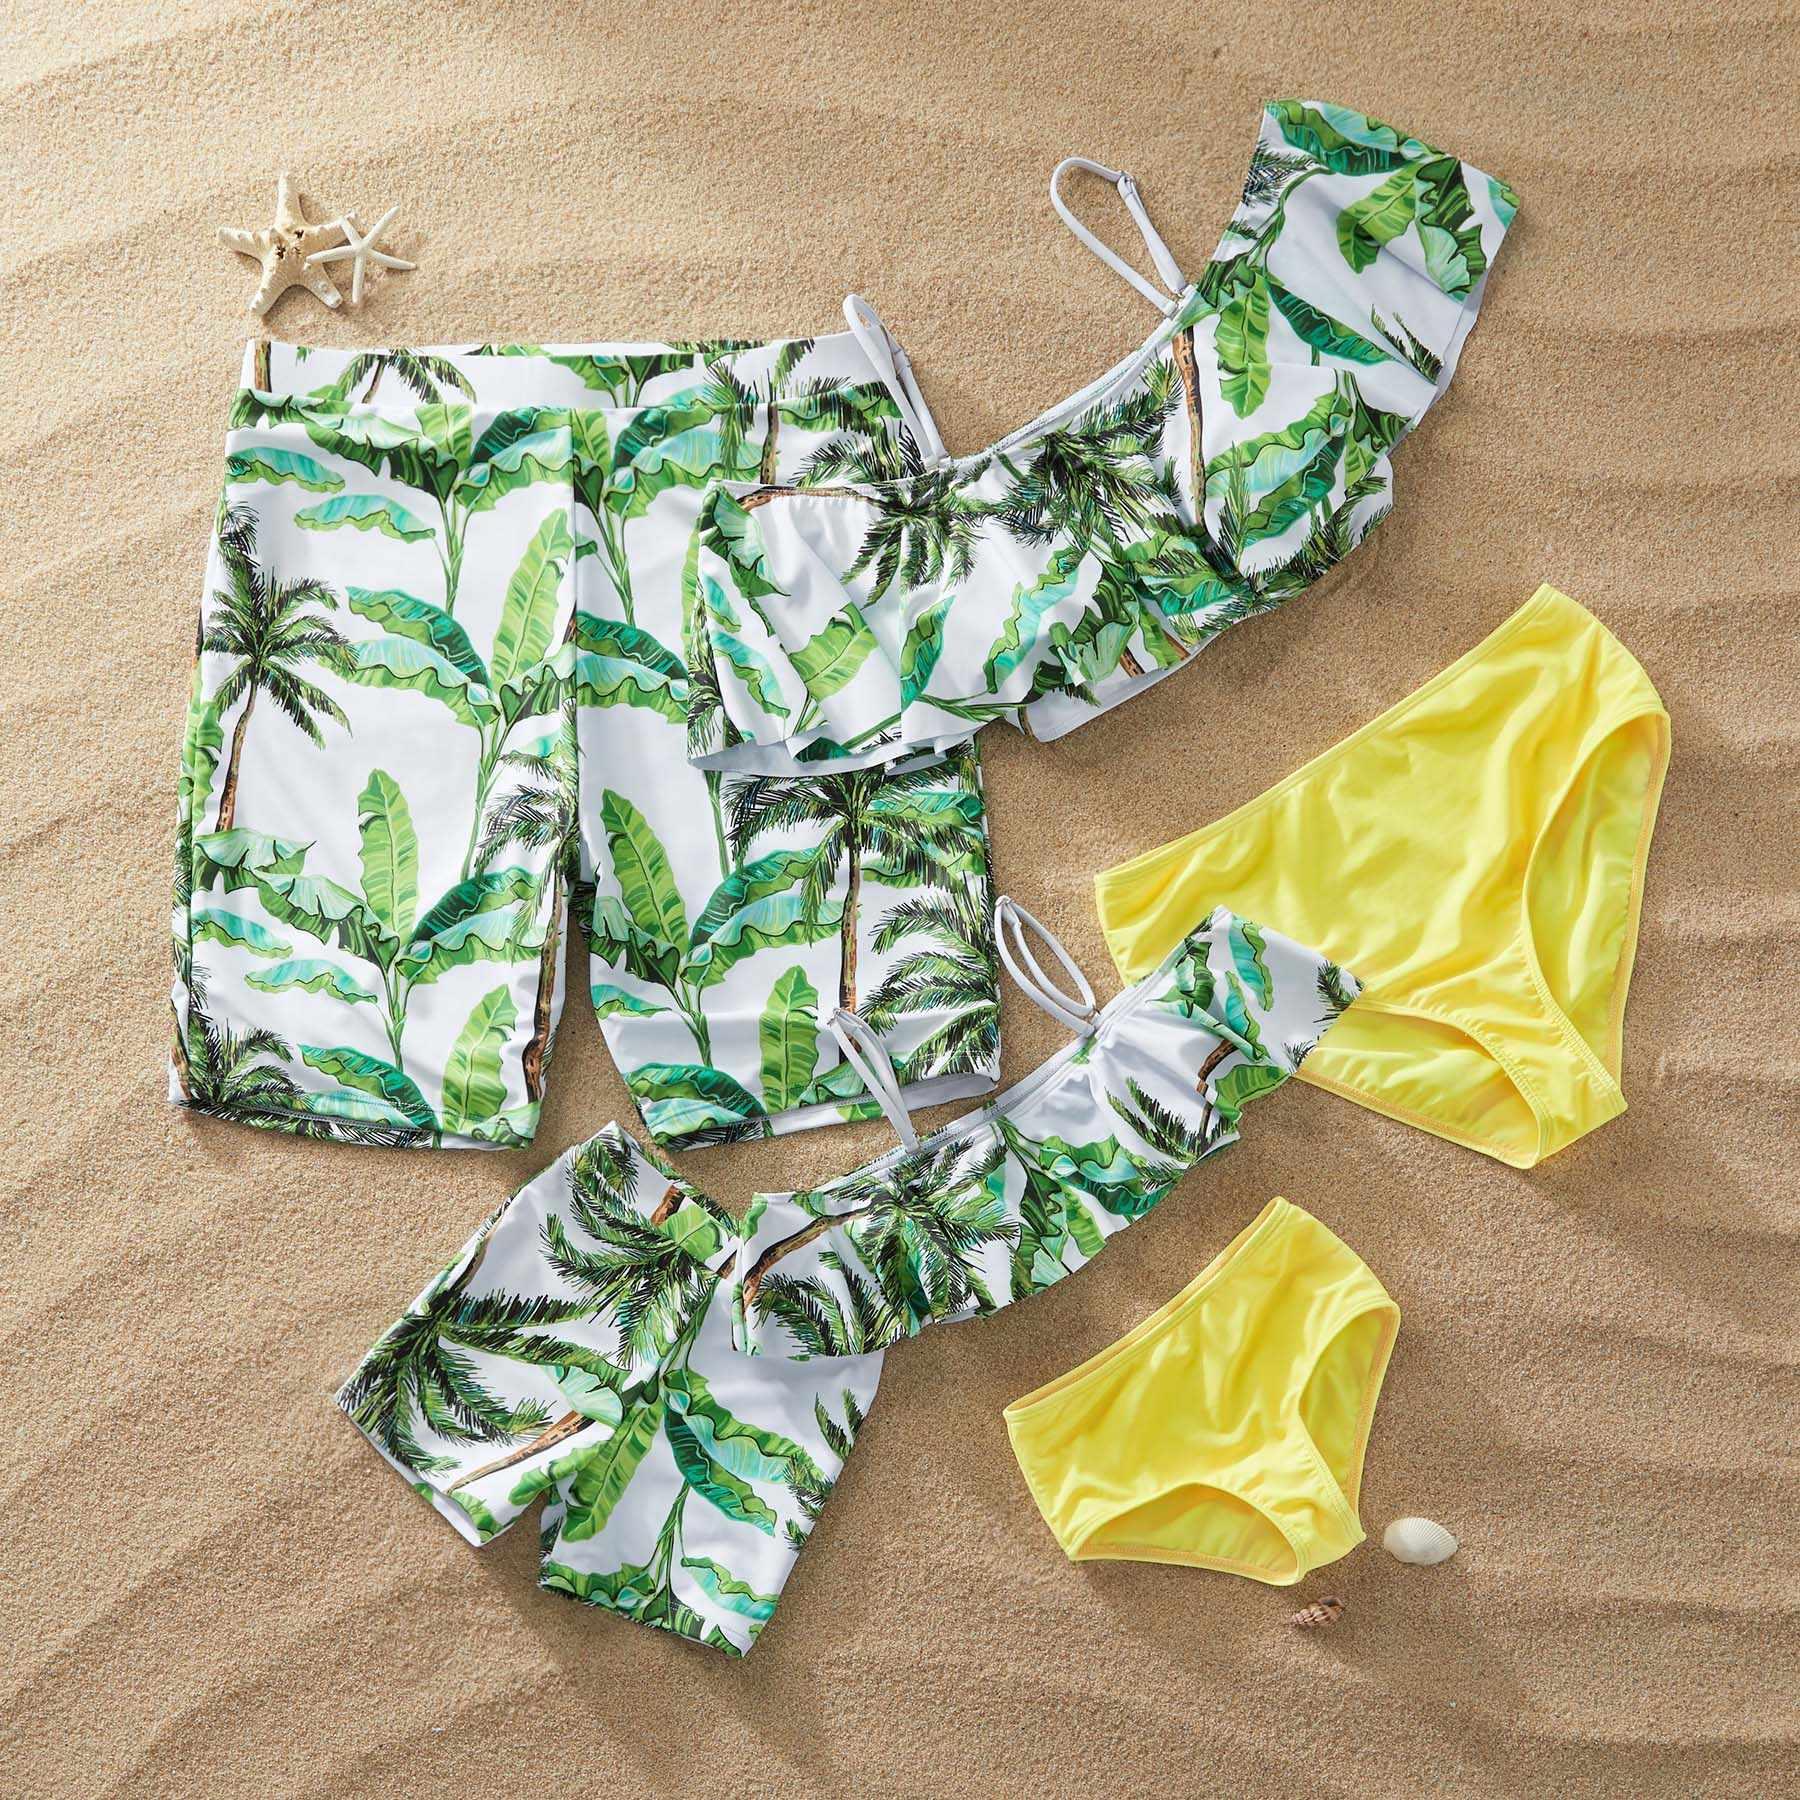 PatPat/Новинка 2020 года; Летний купальный костюм для всей семьи в наличии; Распродажа